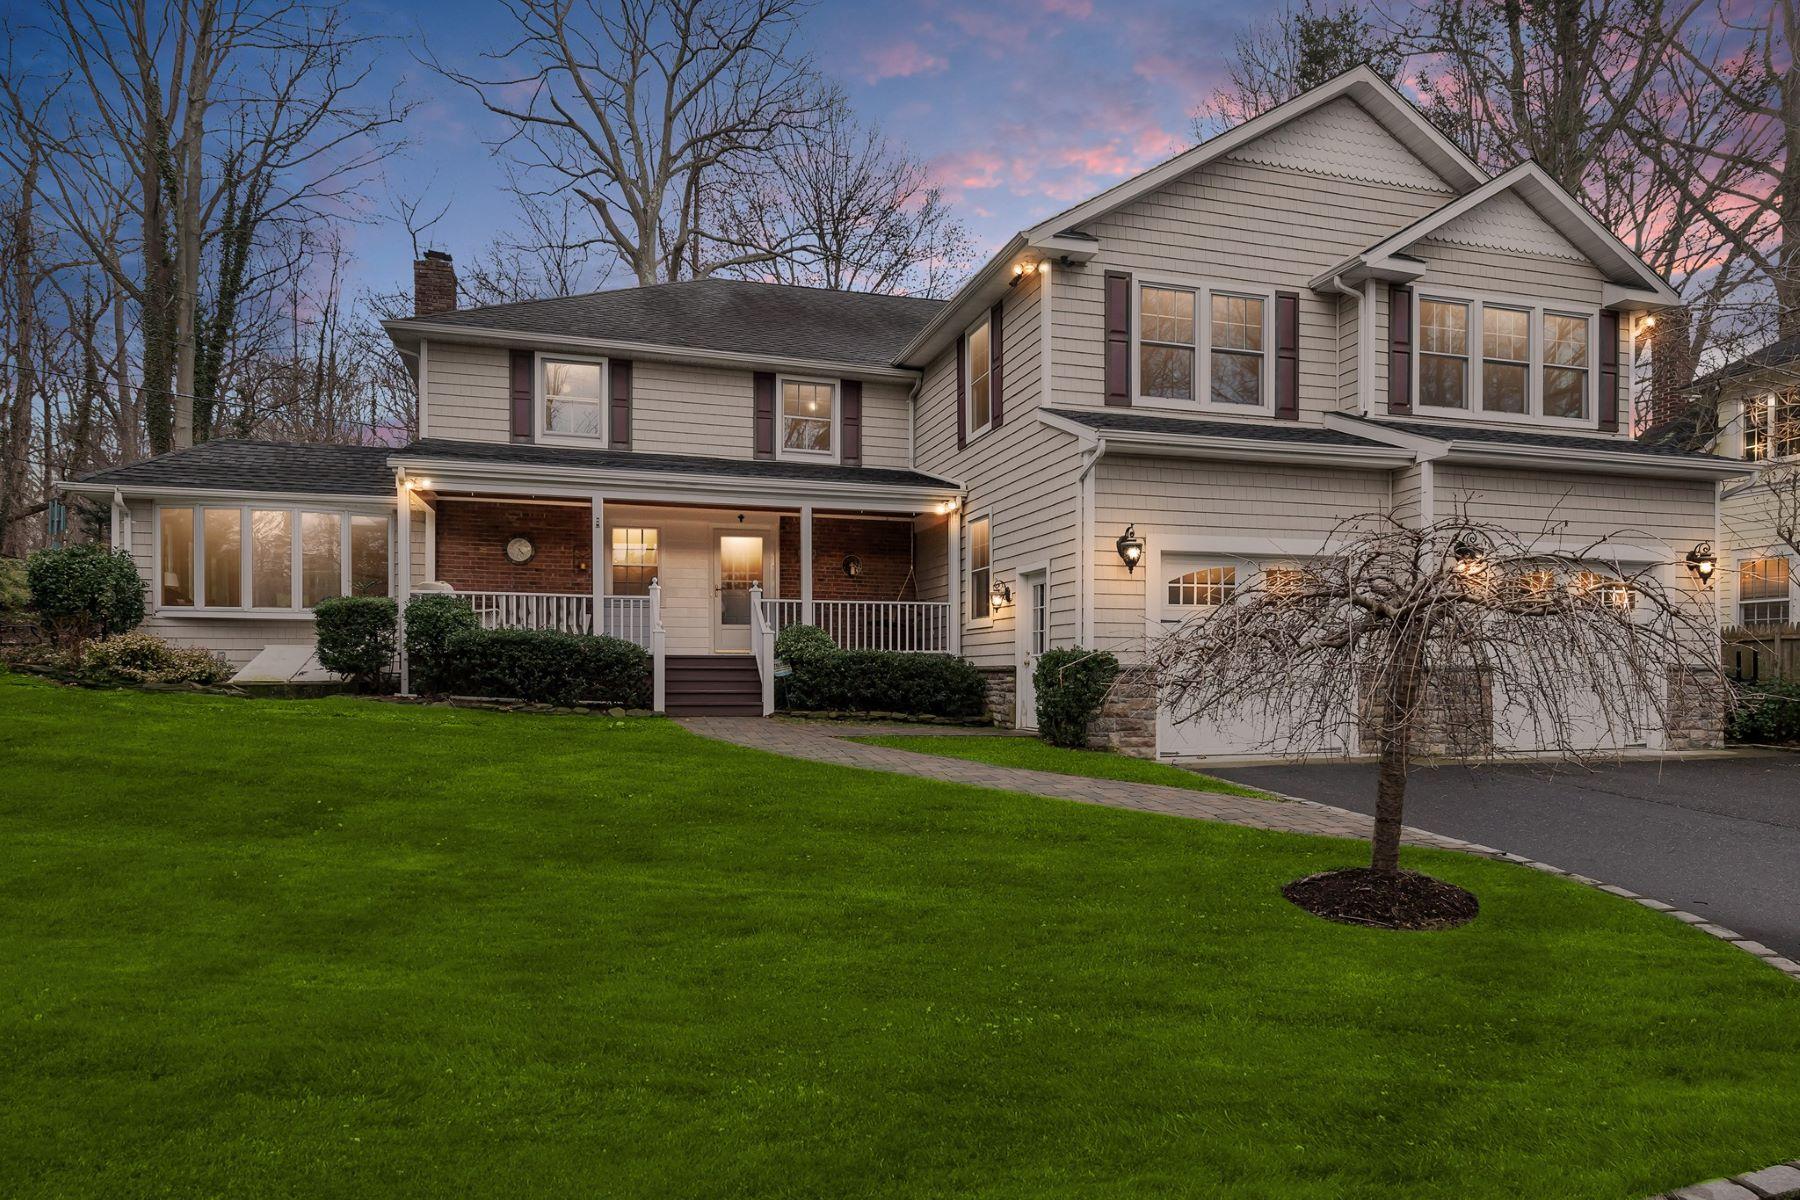 Частный односемейный дом для того Продажа на 8 Tower Rd , Glen Cove, NY 11542 8 Tower Rd, Glen Cove, Нью-Йорк, 11542 Соединенные Штаты